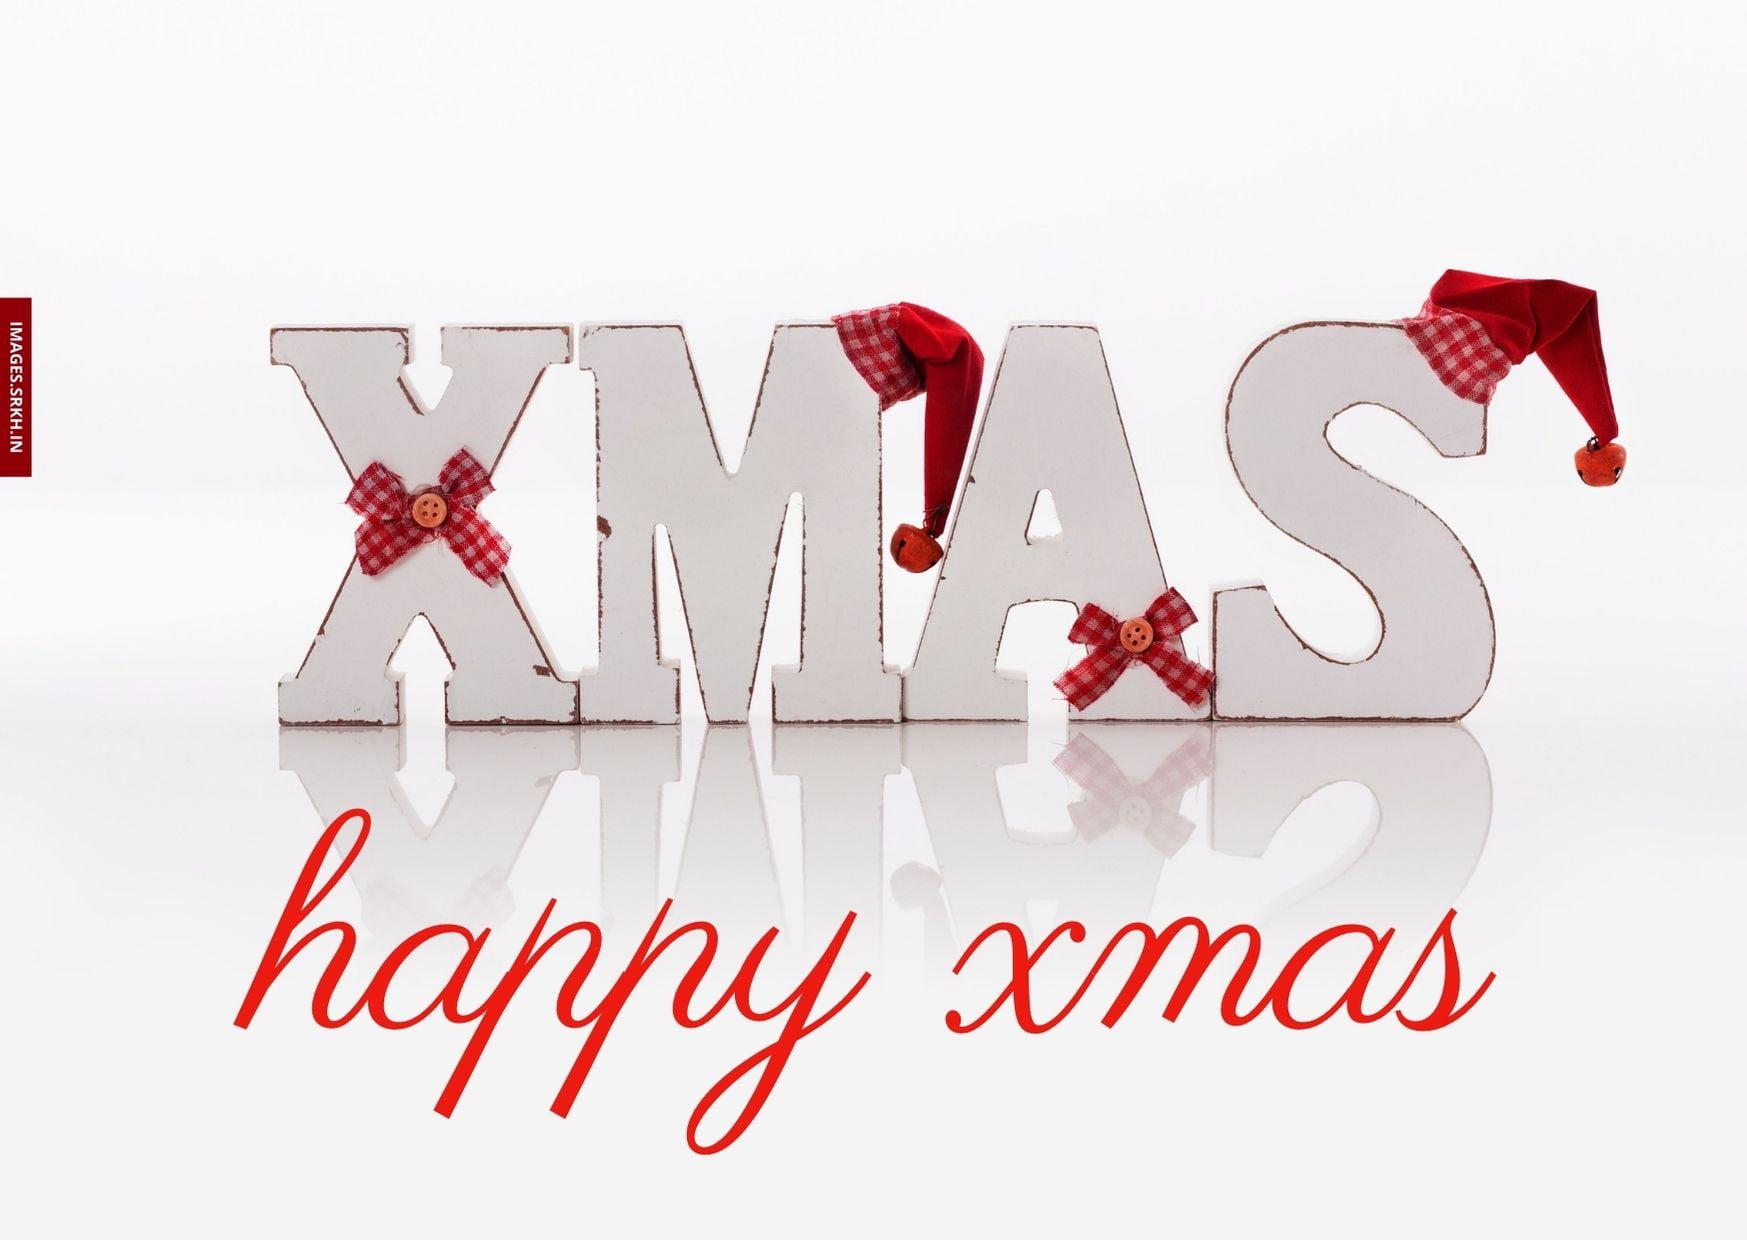 Happy Xmas Hd Images